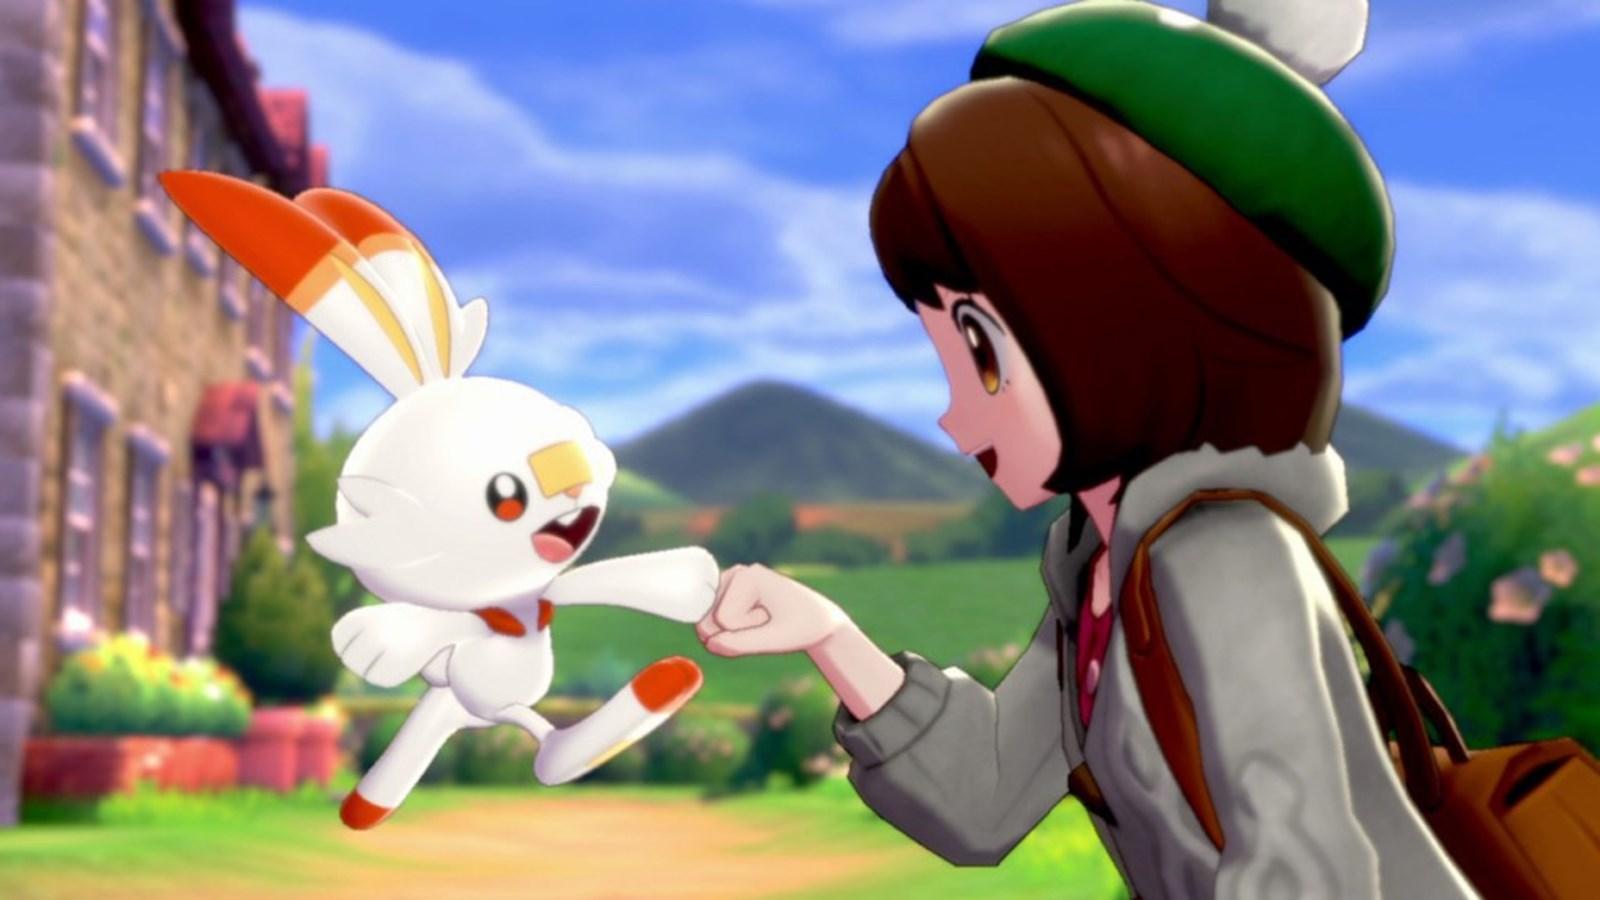 """""""Pokémon Schwert & Schild"""" ist das unbeliebteste Game der E3"""